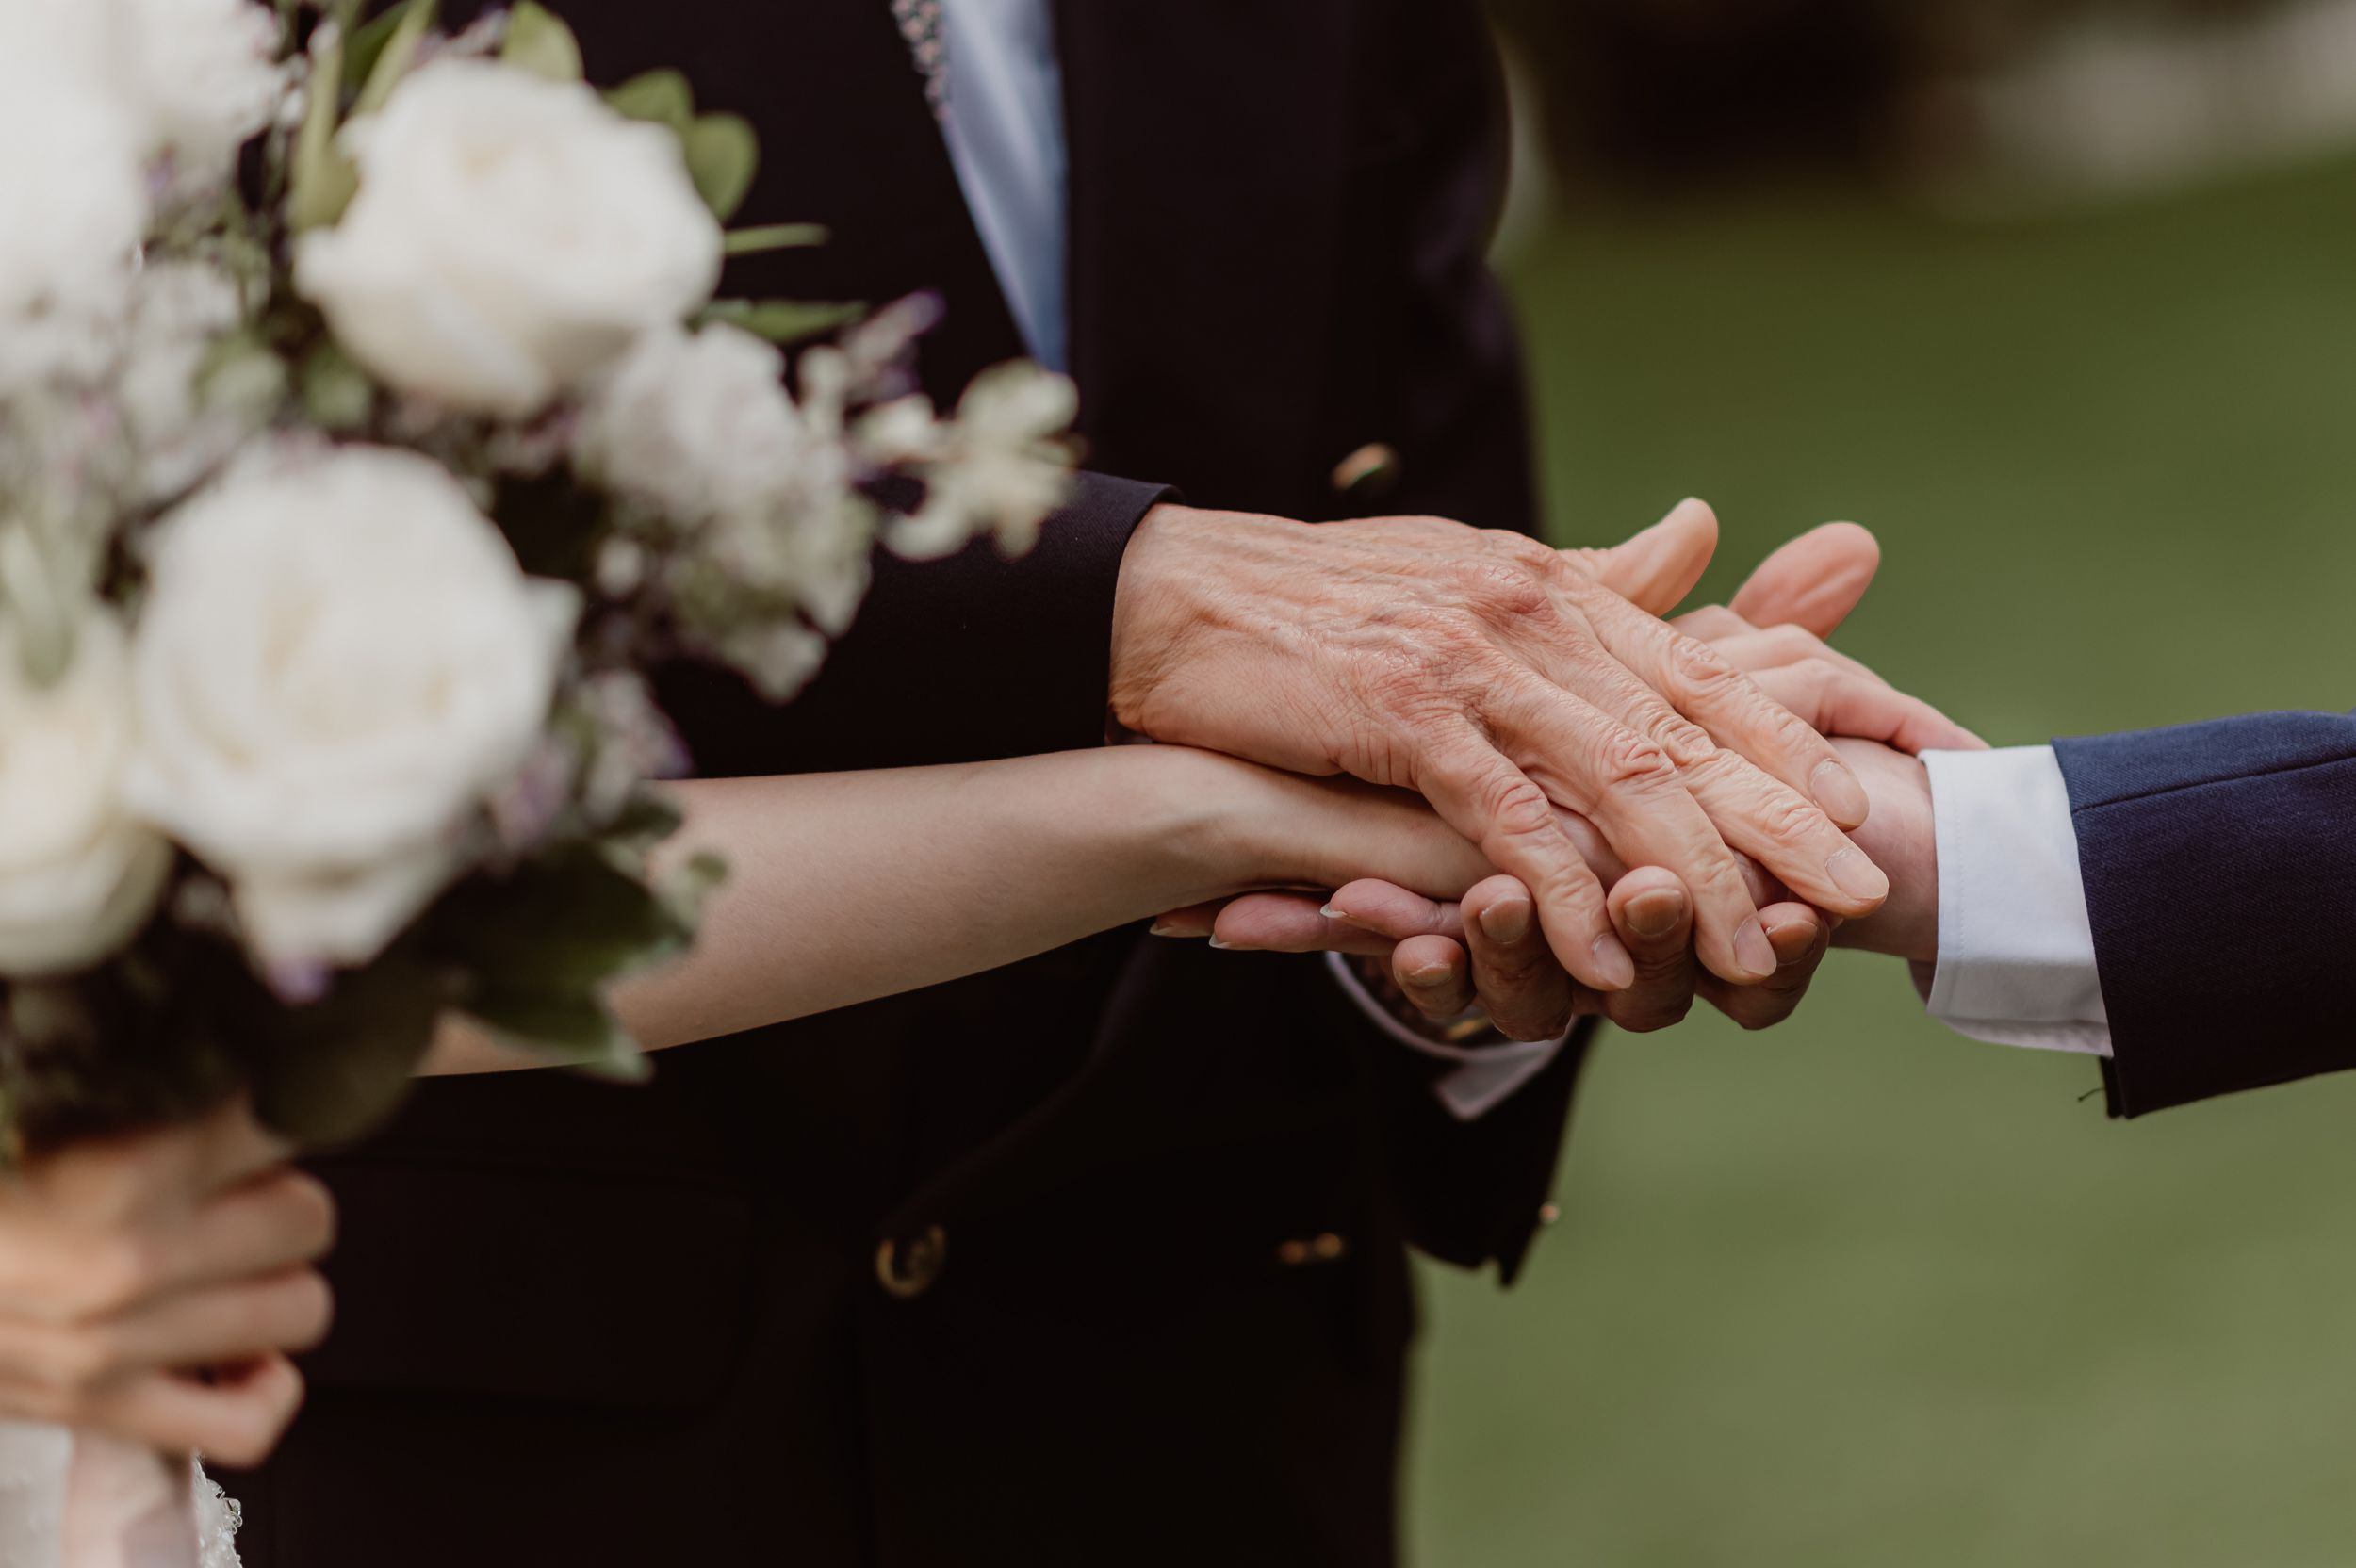 婚禮攝影,雙機,孫立人,婚宴,家宴,晚宴,類婚紗,儀式,貳月婚紗,惠惠造型,新秘,新娘物語推薦,ptt推薦,美式婚禮,自然互動,